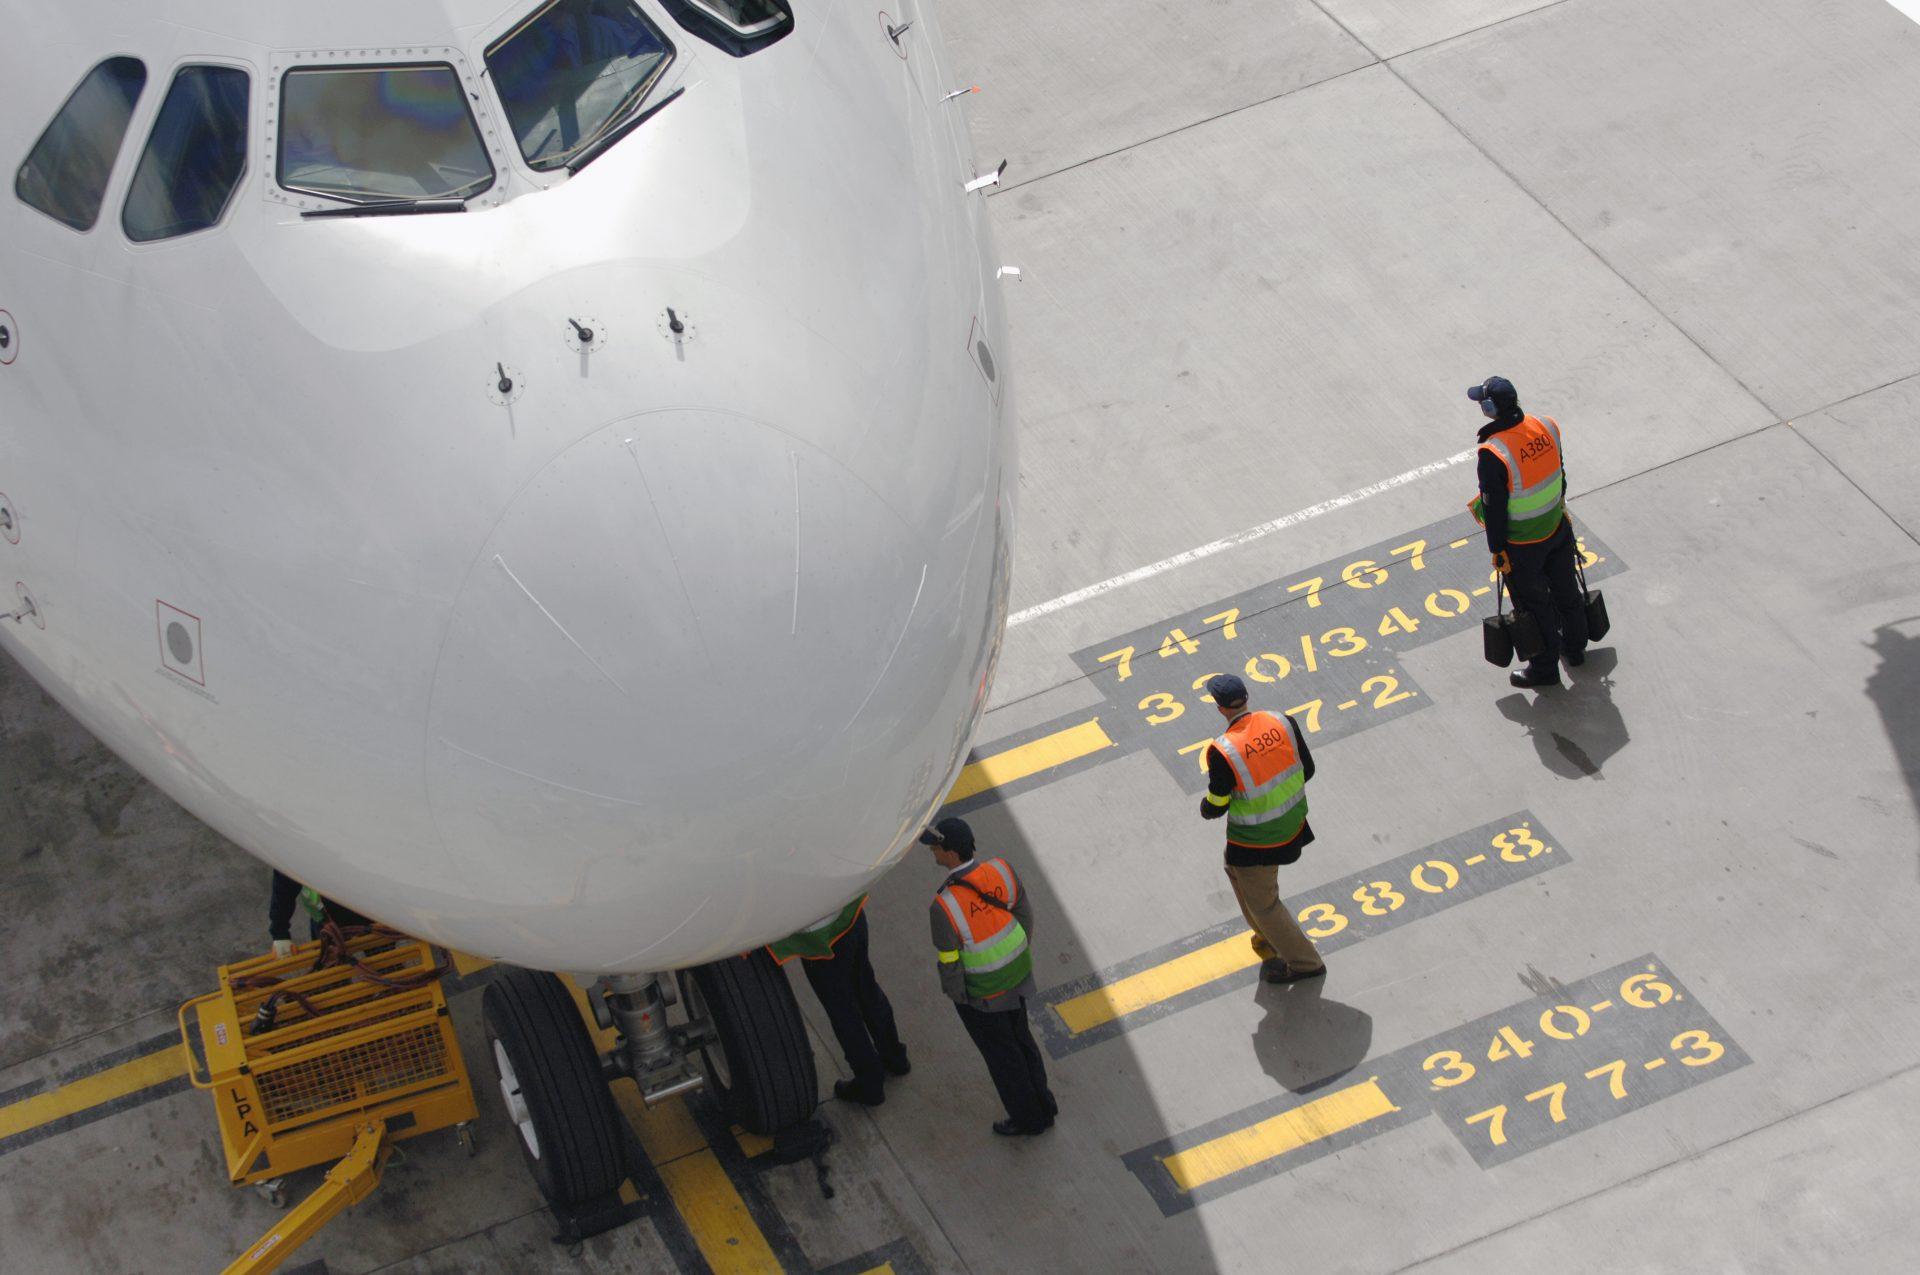 centro de excelencia de aeropuertos pista del aeropuerto de Heathrow en Londres